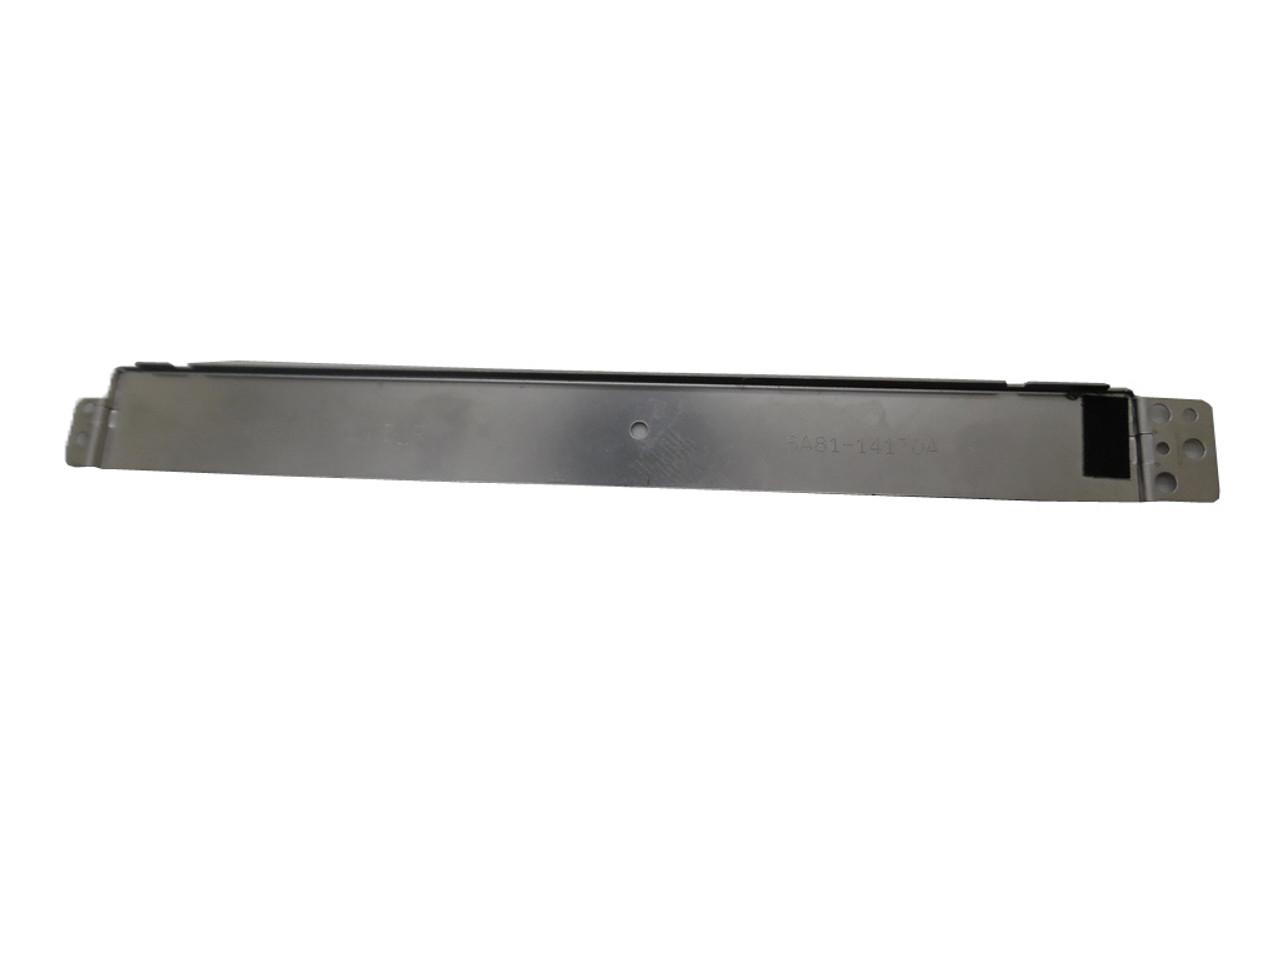 20DM 20DN Laptop LCD Hinge Cover for Lenovo Thinkpad S3 Yoga 14 00UP386 442.01103.0011 00HT605 442.01103.0001 Black